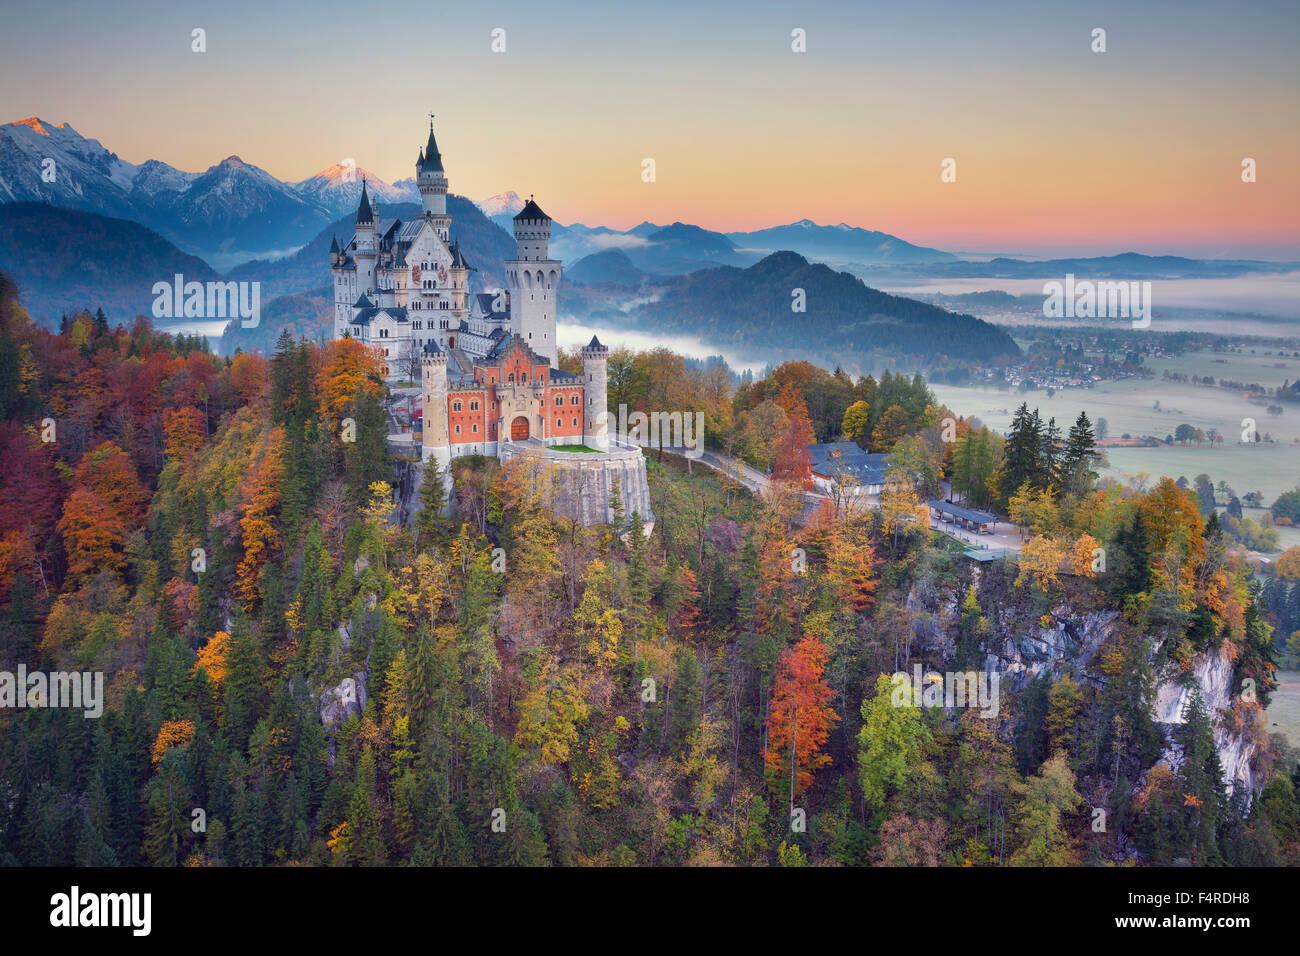 Le château de Neuschwanstein, Allemagne. Vue sur le château de Neuschwanstein au cours de l'automne Photo Stock